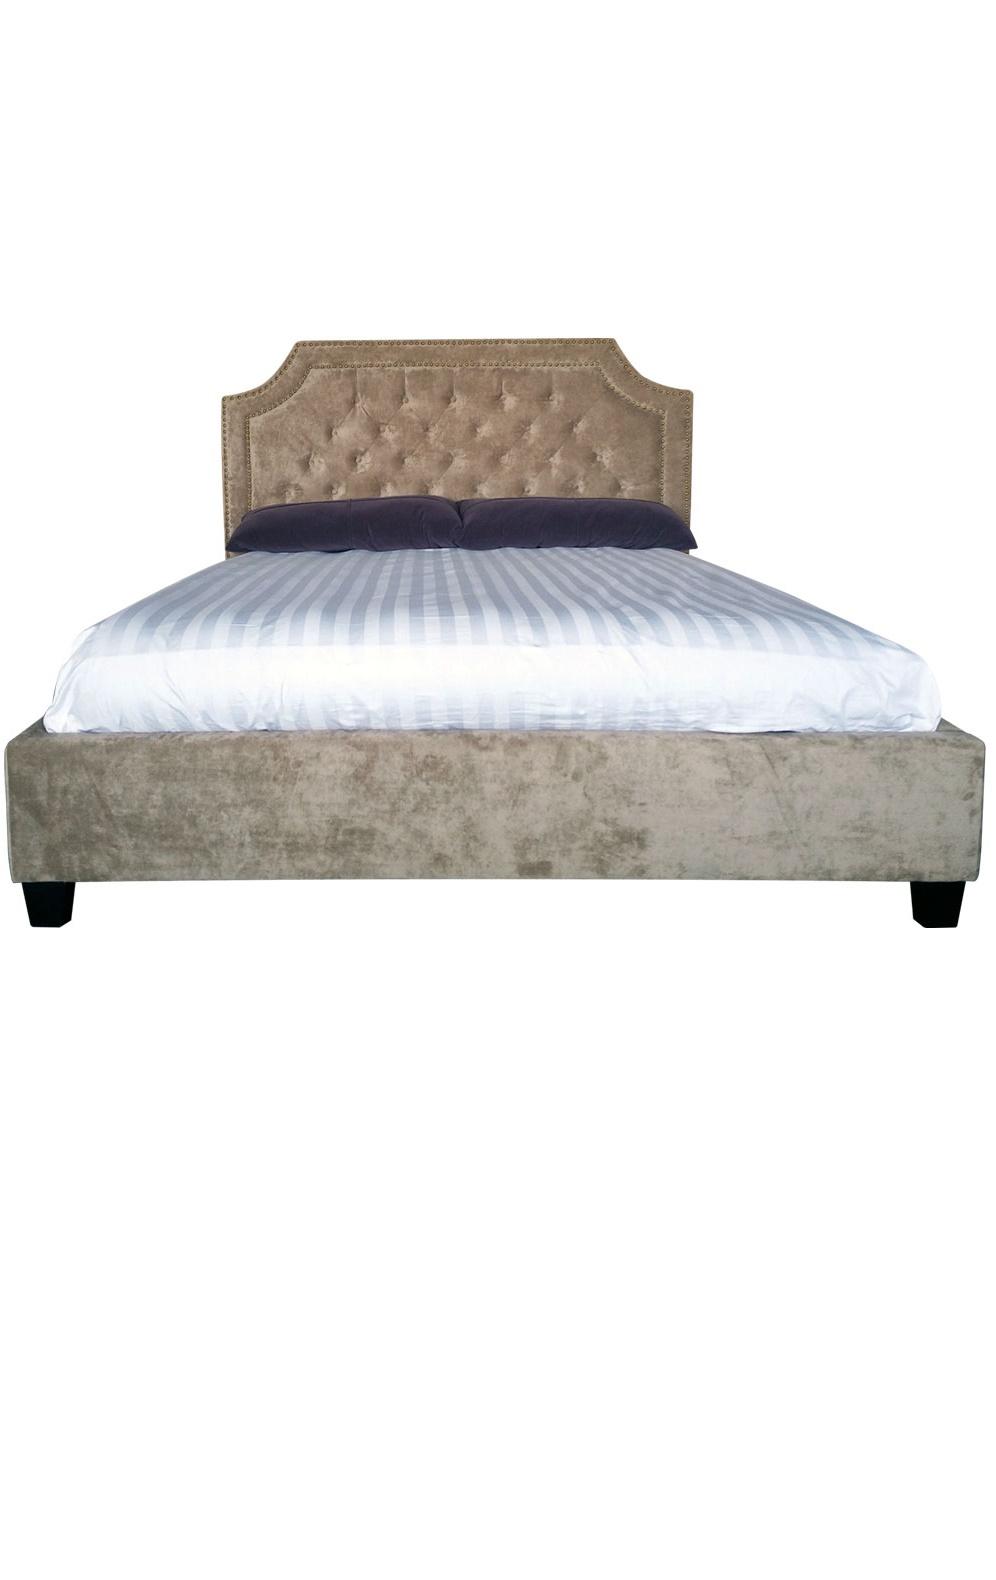 Кровать Garda Decor 9656850 от thefurnish